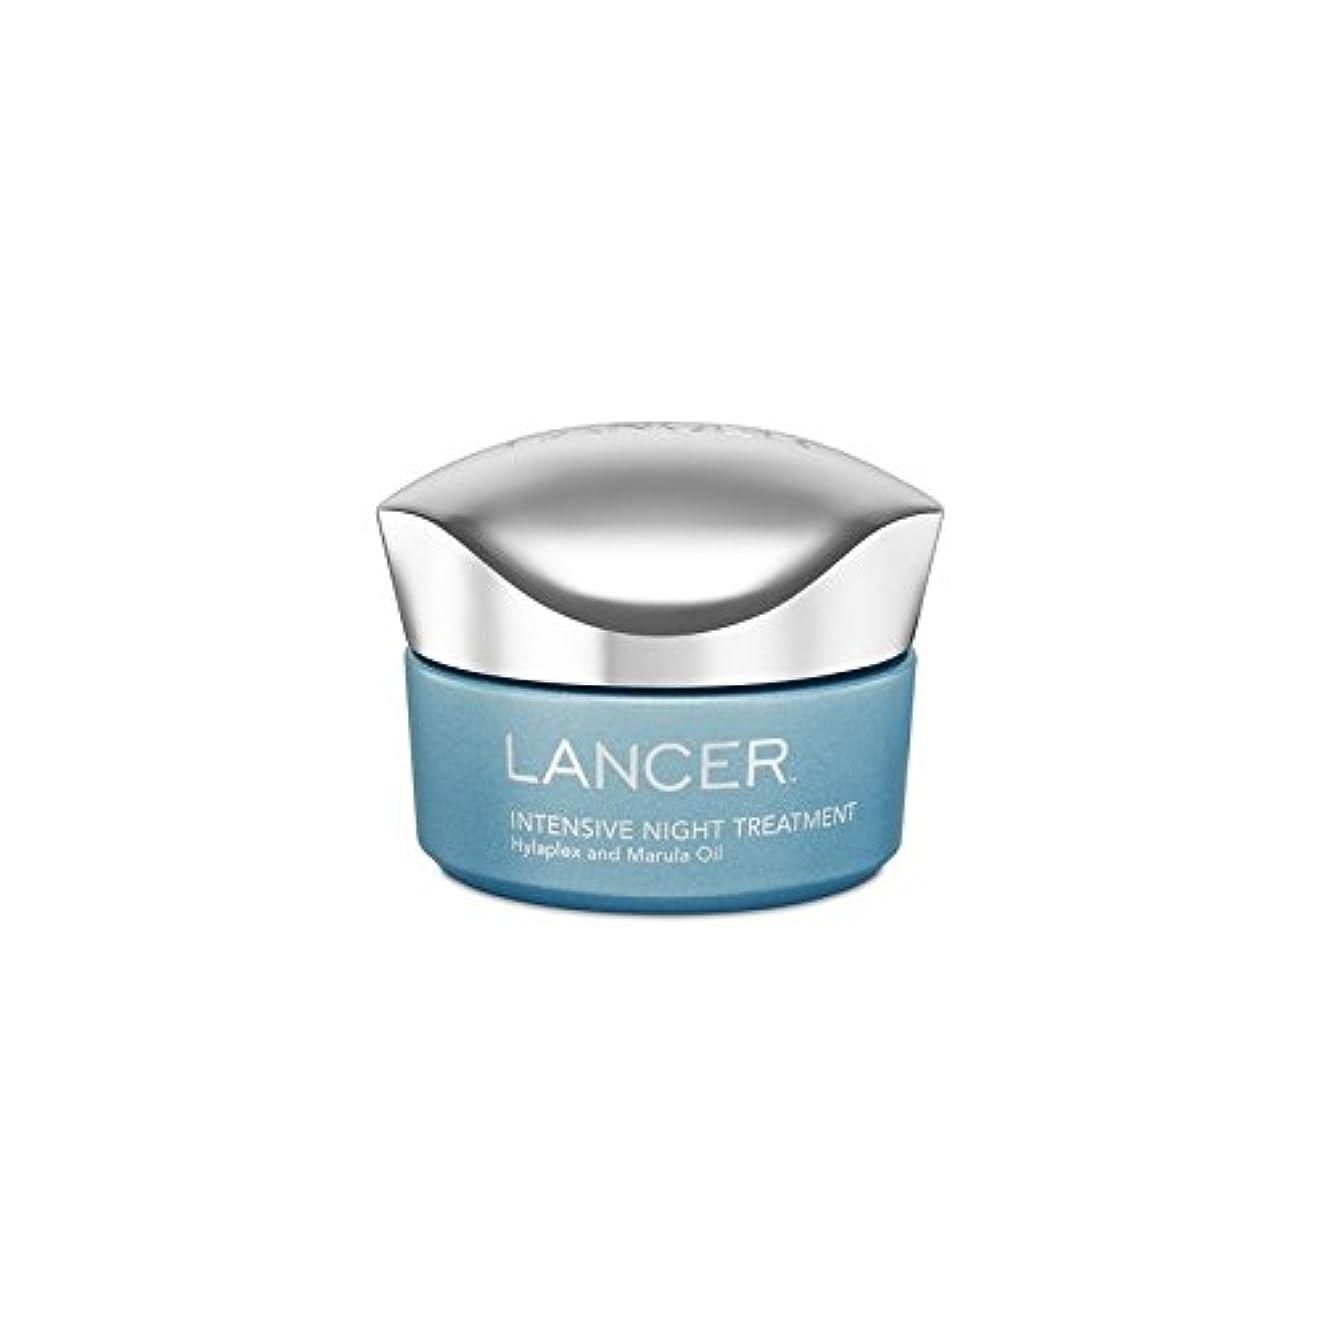 名前アパル慣性ランサースキンケア集中的な夜の治療(50ミリリットル) x2 - Lancer Skincare Intensive Night Treatment (50ml) (Pack of 2) [並行輸入品]